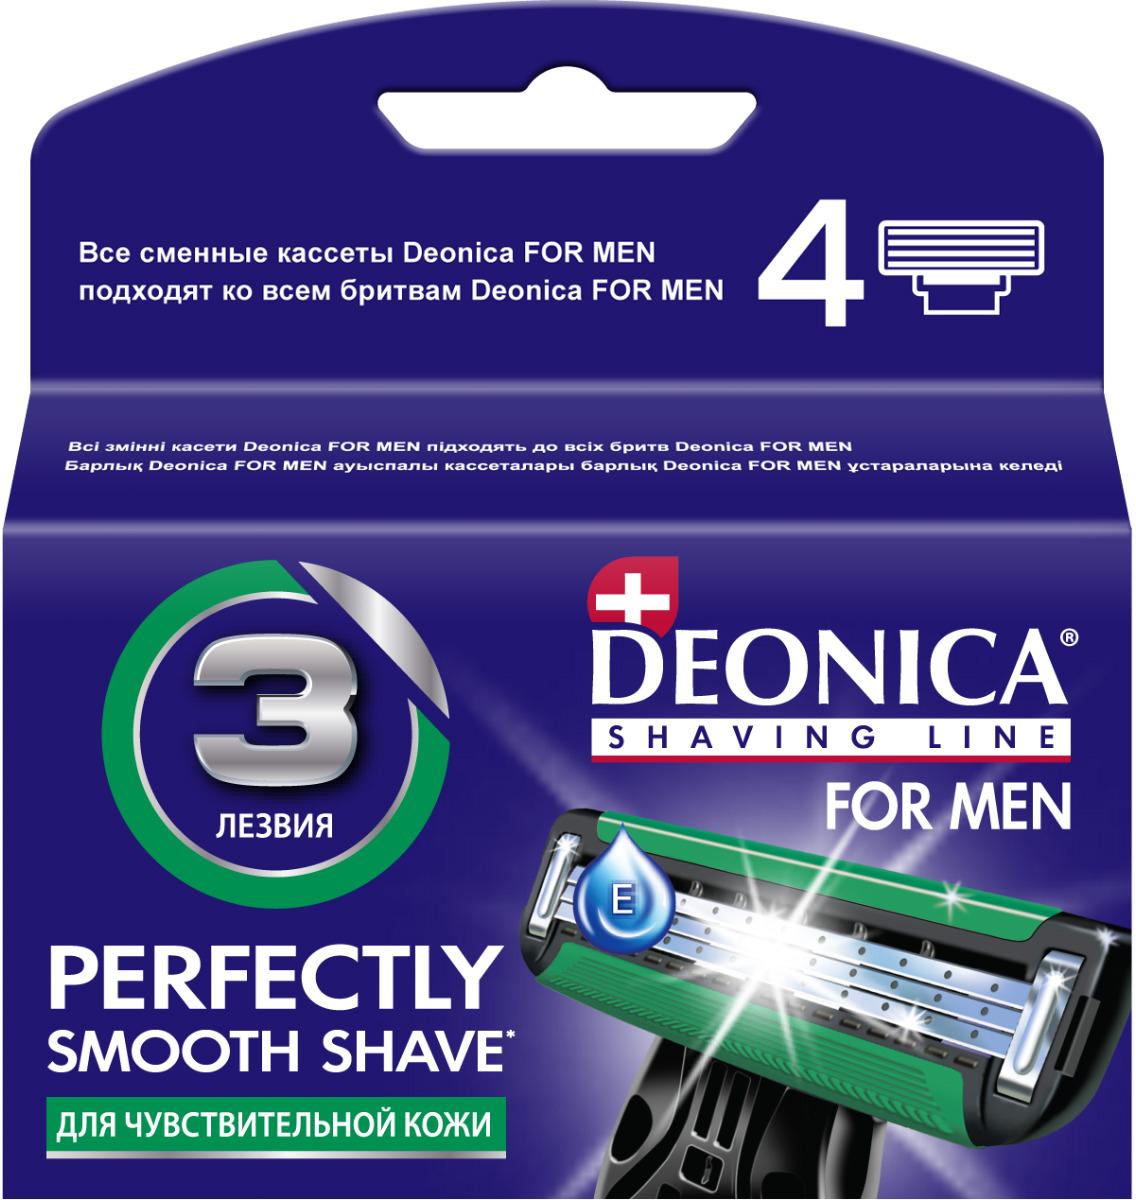 Сменные кассеты для бритья Deonica 3 тонких лезвия с керамическим покрытием США for MEN, 4 шт цена